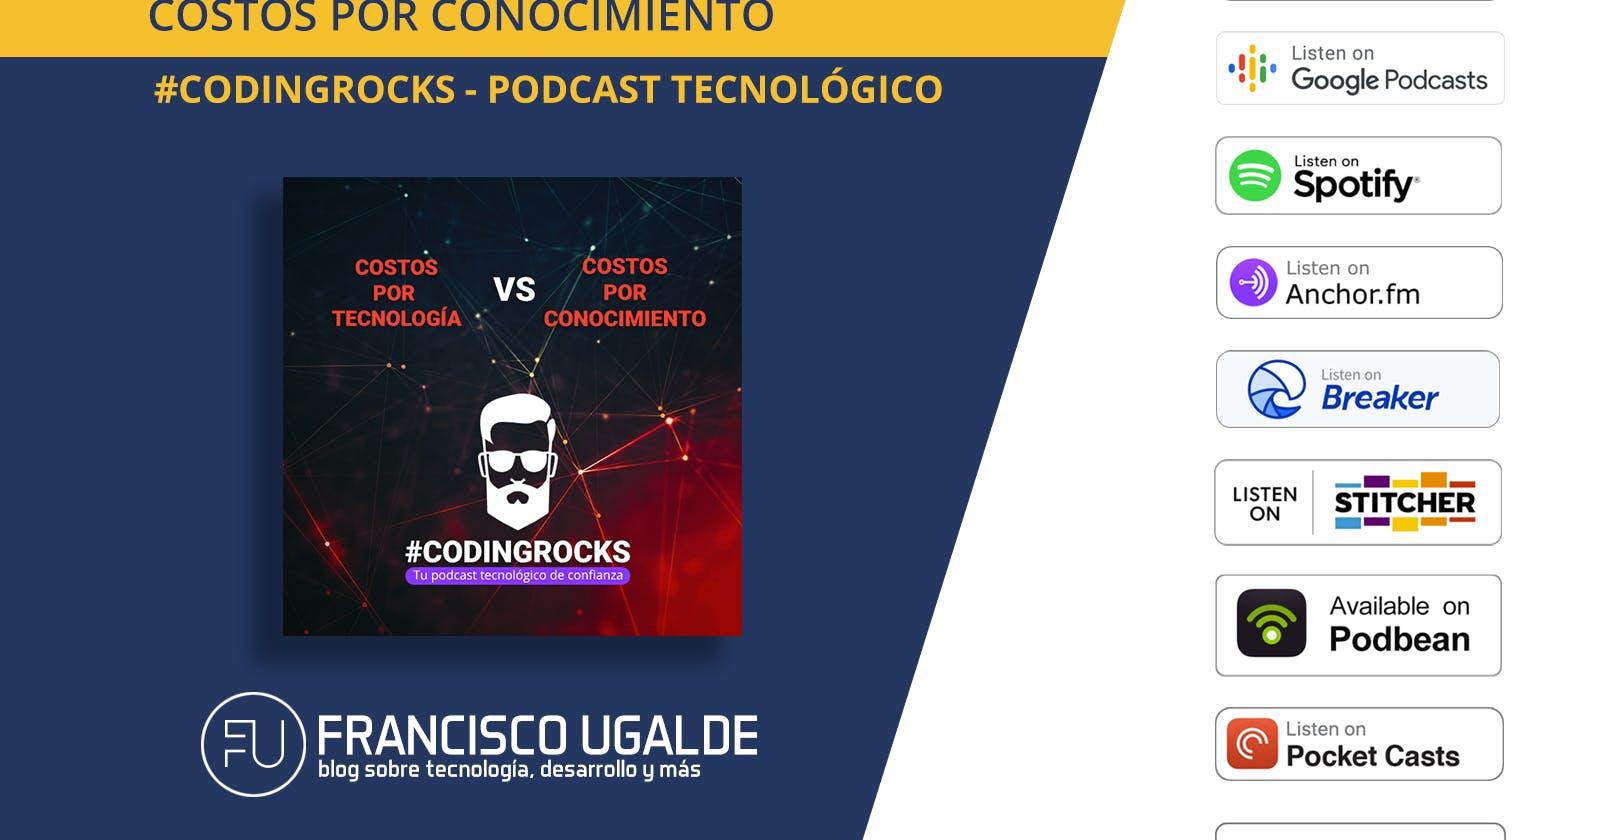 Costo por Tecnología vs Costo por Conocimiento—Ep. 6 #CodingRocks